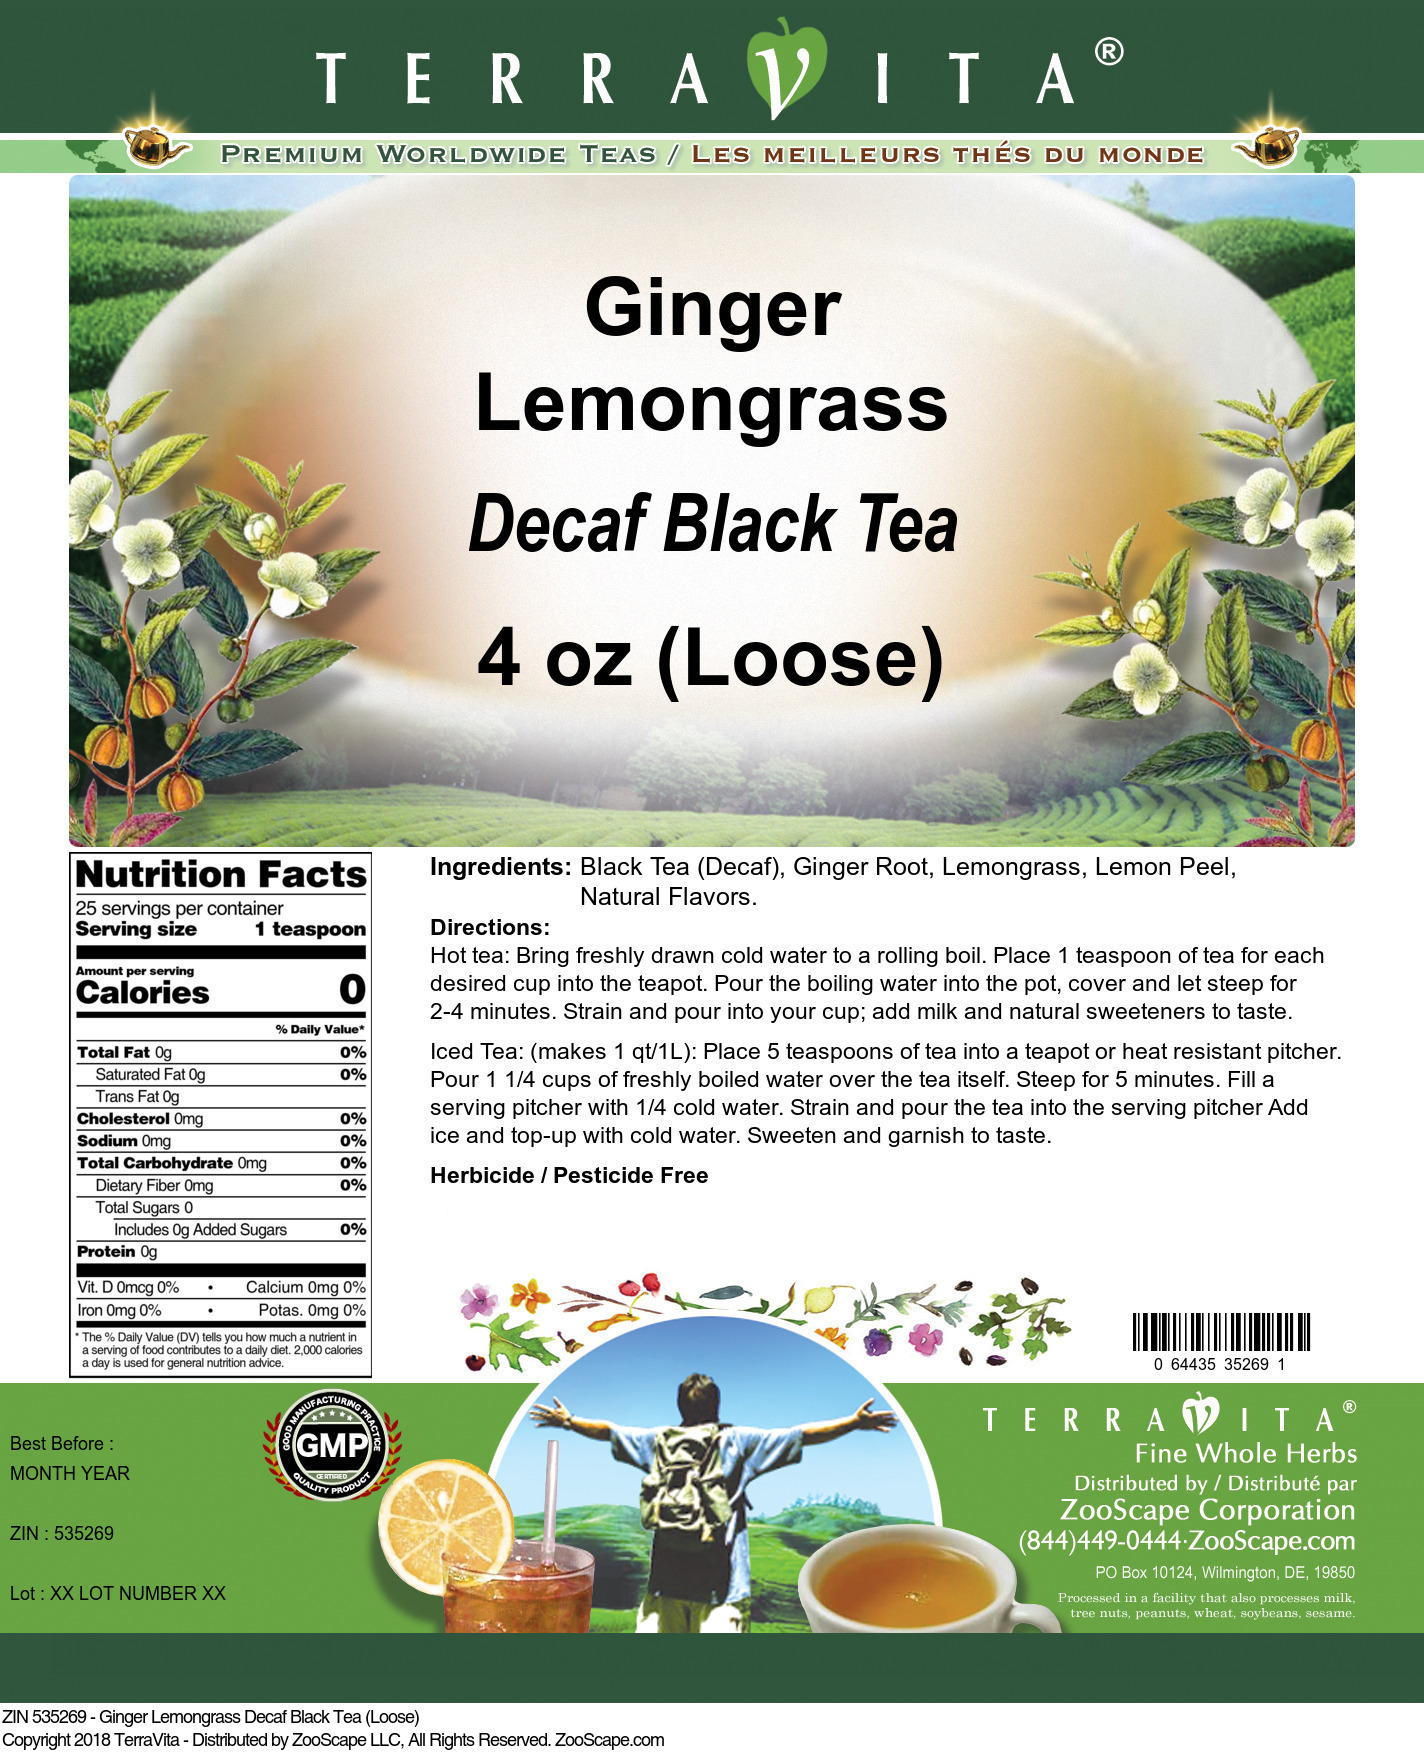 Ginger Lemongrass Decaf Black Tea (Loose)